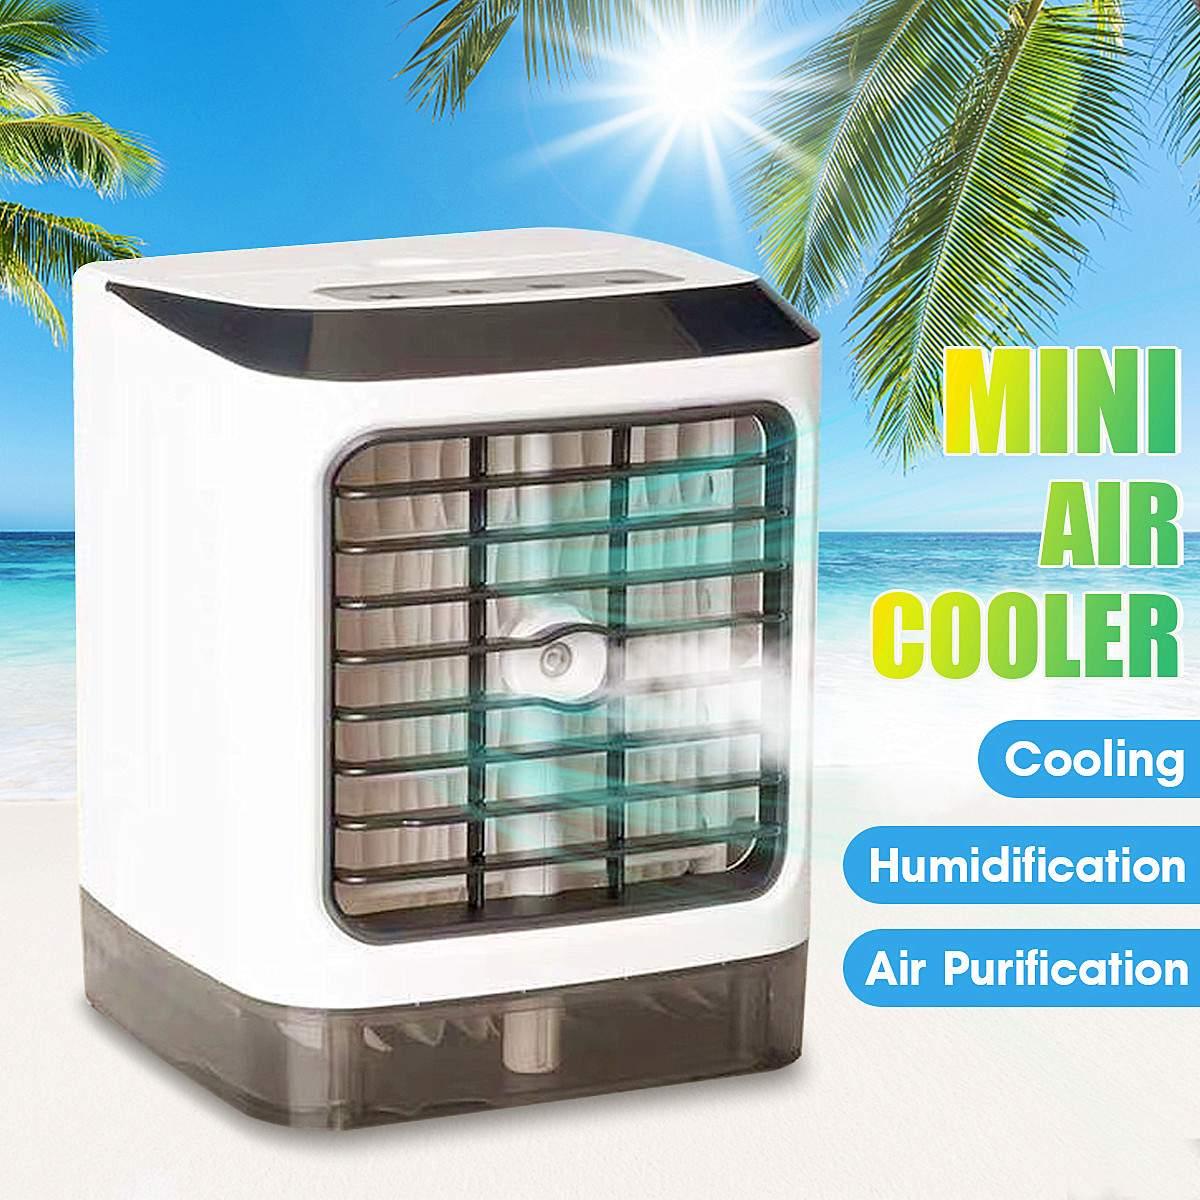 Le plus nouveau Mini climatiseur USB 7 lumière LED ordinateurs de bureau ventilateur de refroidissement d'air climatisation humidificateur Portable refroidisseur pour bureau maison